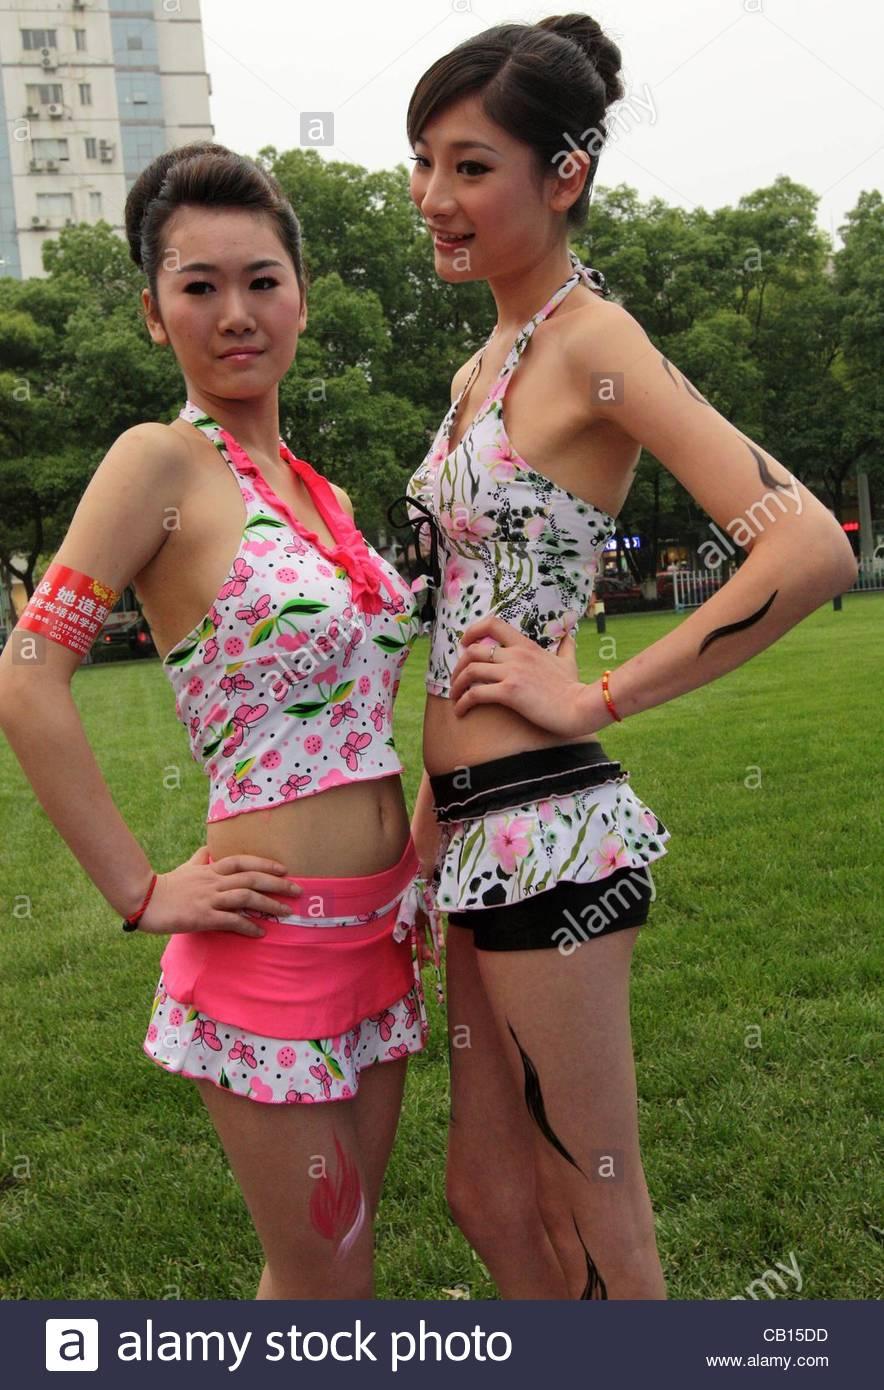 Los Modelos Son La Realizacion De Body Painting En Una Primavera